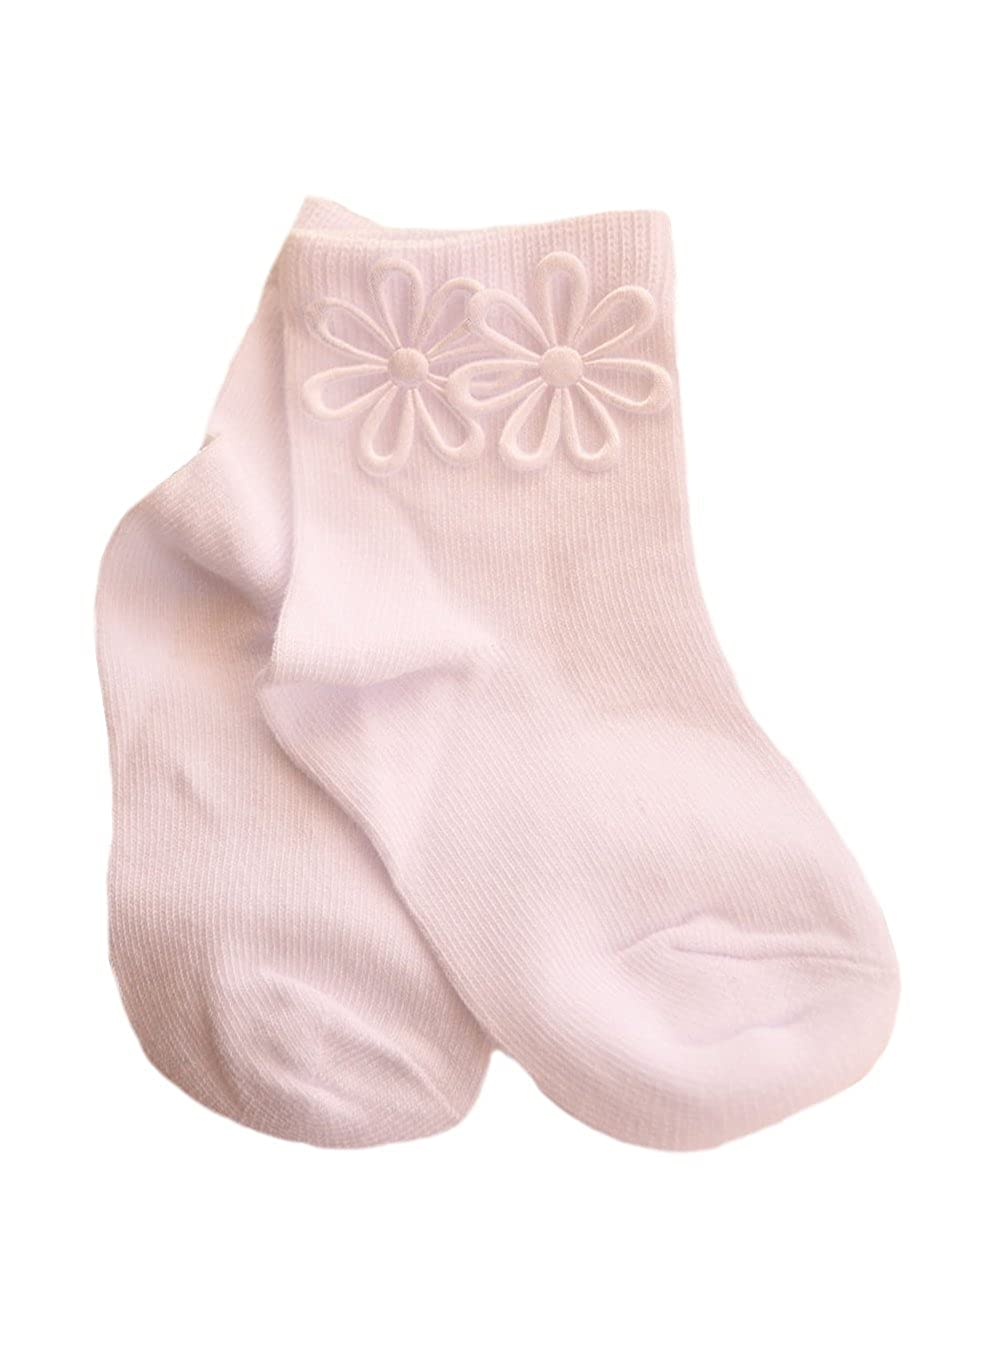 Haarband Socken Baby SET 48 50 56 62 68 74 80 86 92 R/üschen Stirnband Creme Taufe